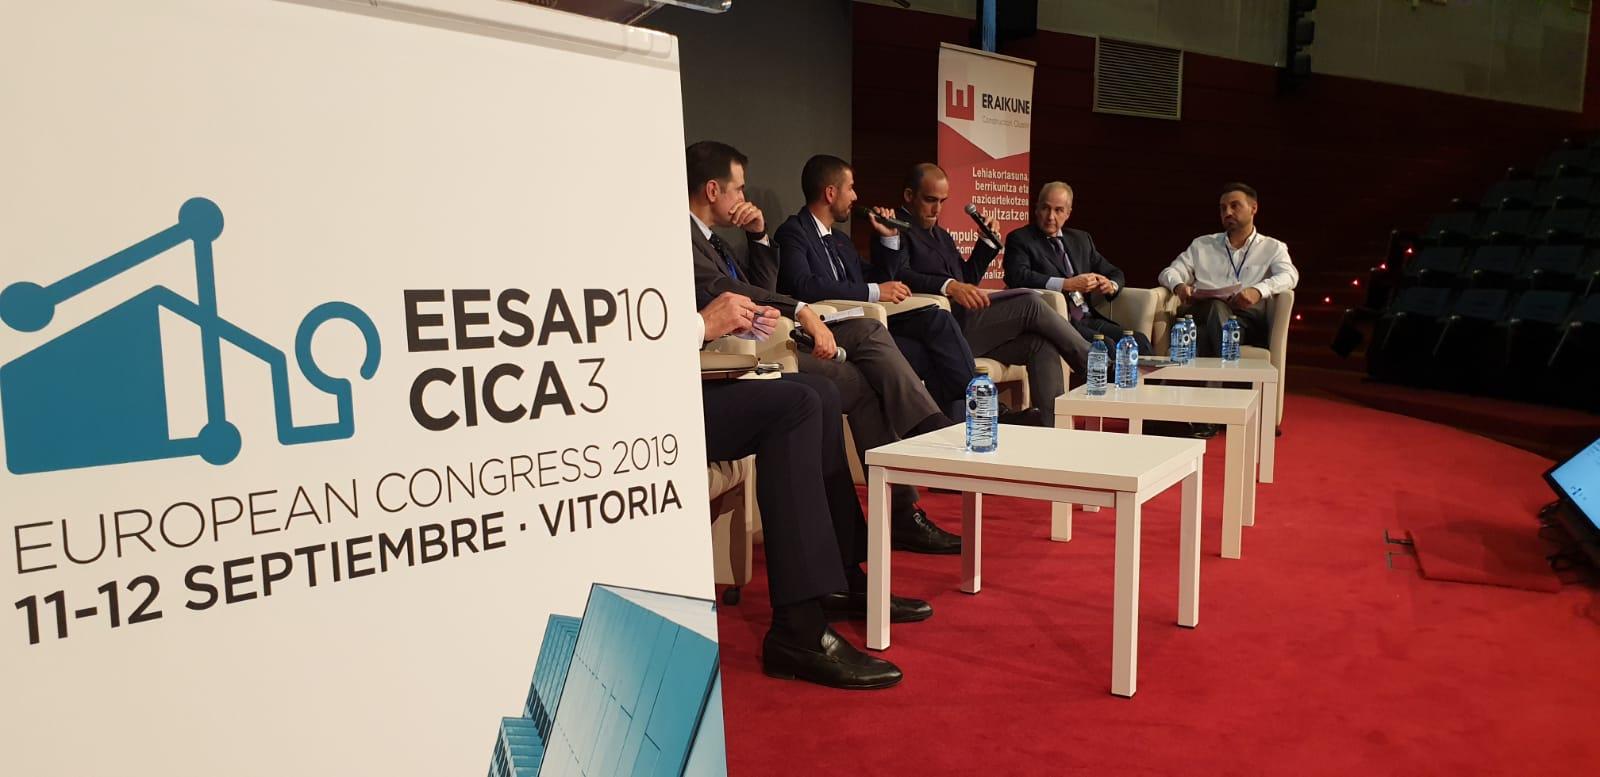 foto noticia: Nuevamente participamos en el Congreso Europeo sobre Eficiencia Energética y Sostenibilidad en Arquitectura y Urbanismo y Congreso Internacional de Construcción Avanzada